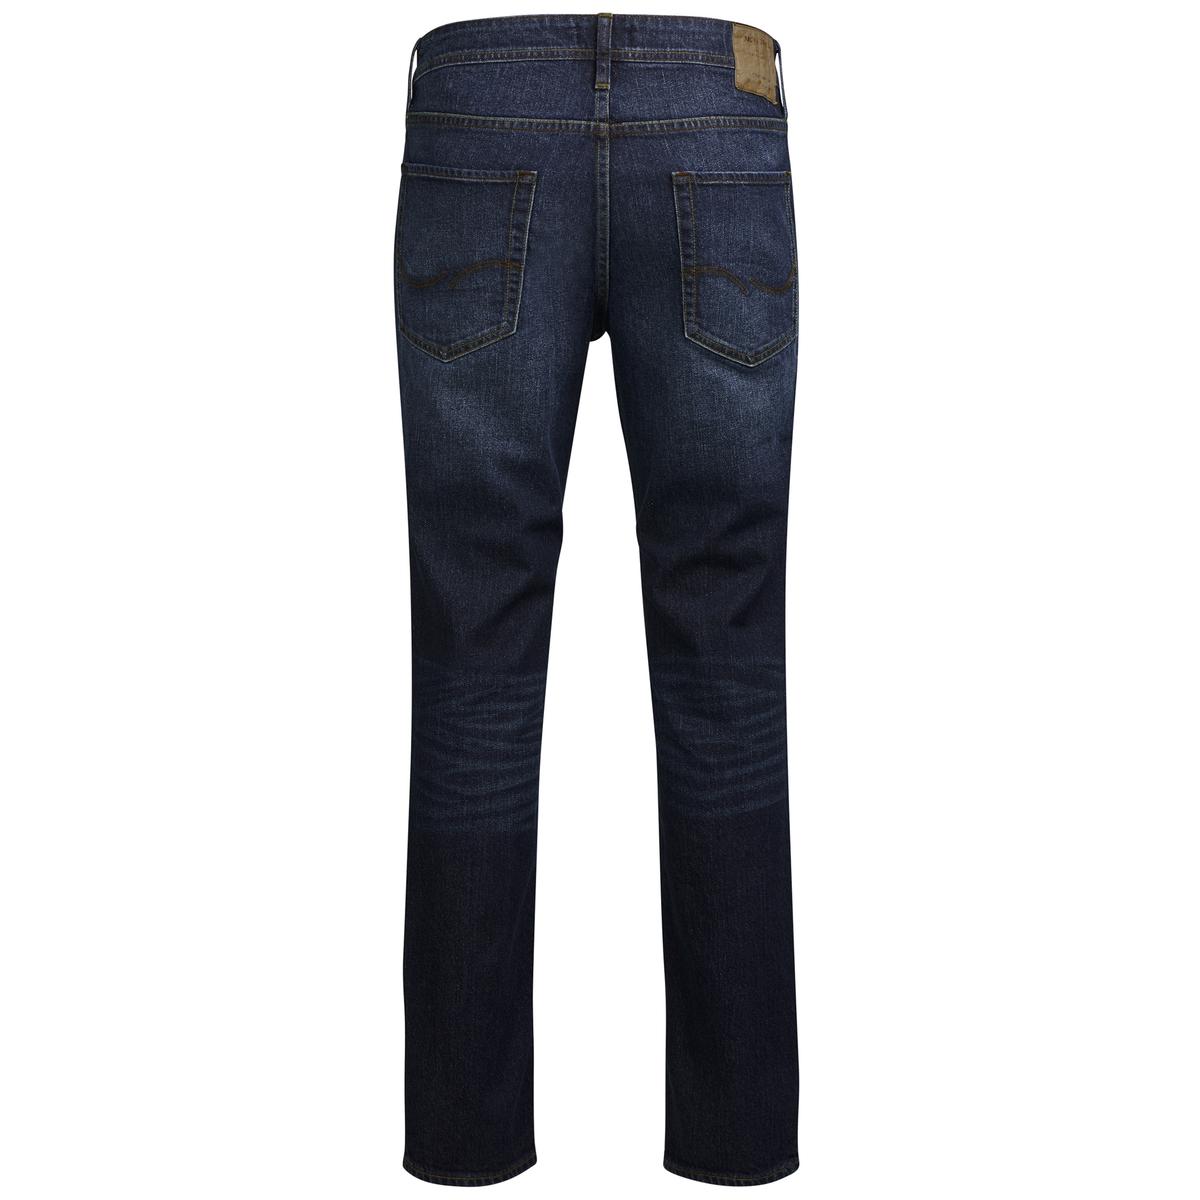 Джинсы узкие ostin тёмные узкие джинсы